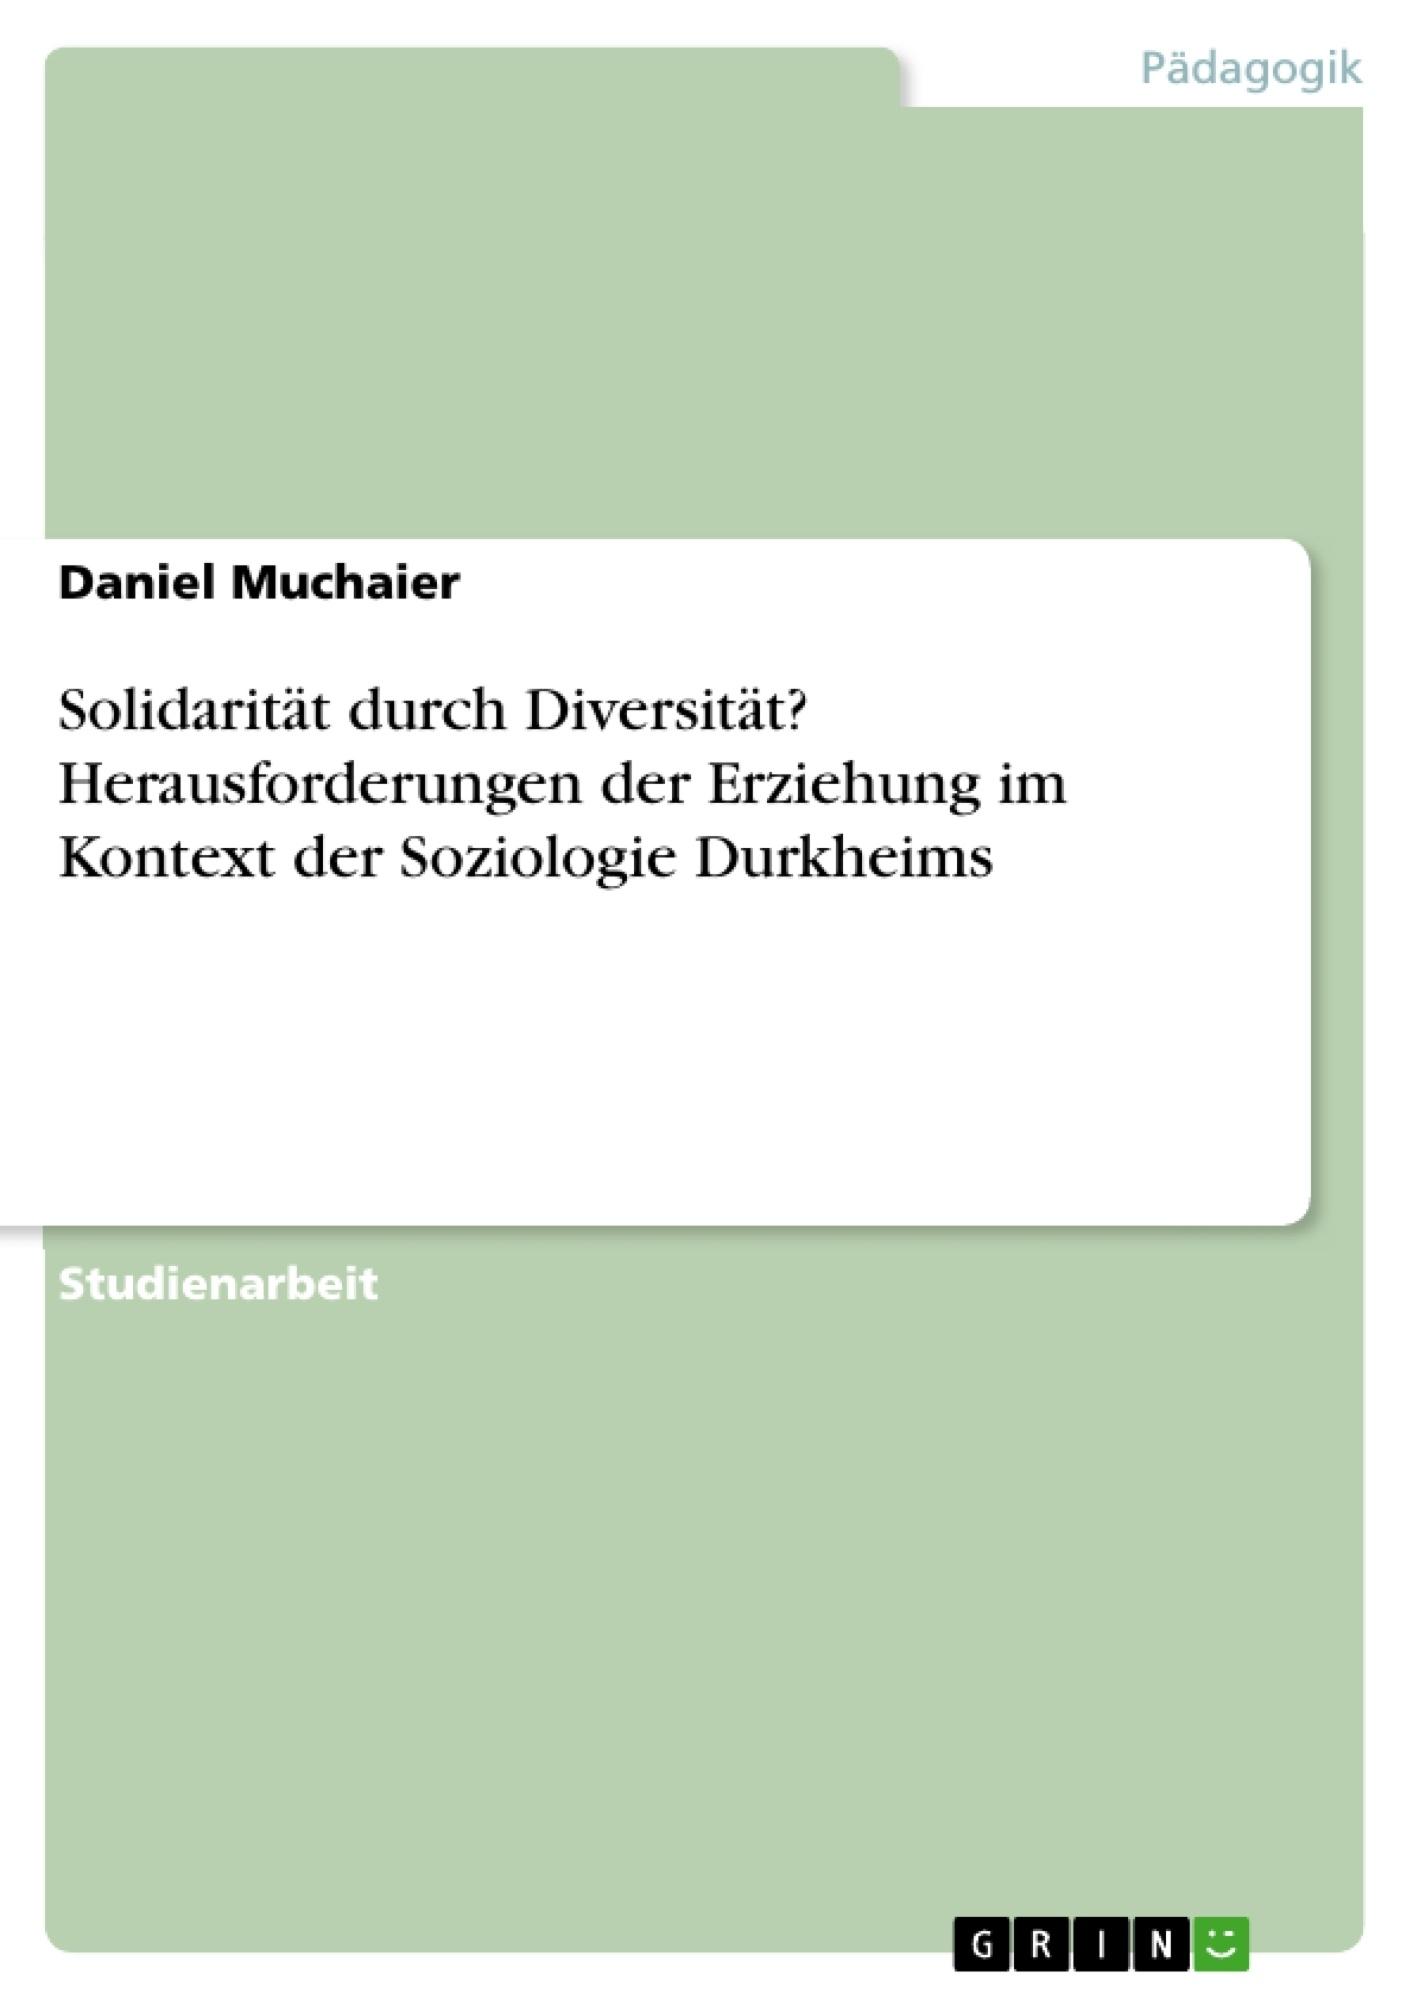 Titel: Solidarität durch Diversität? Herausforderungen der Erziehung im Kontext der Soziologie Durkheims